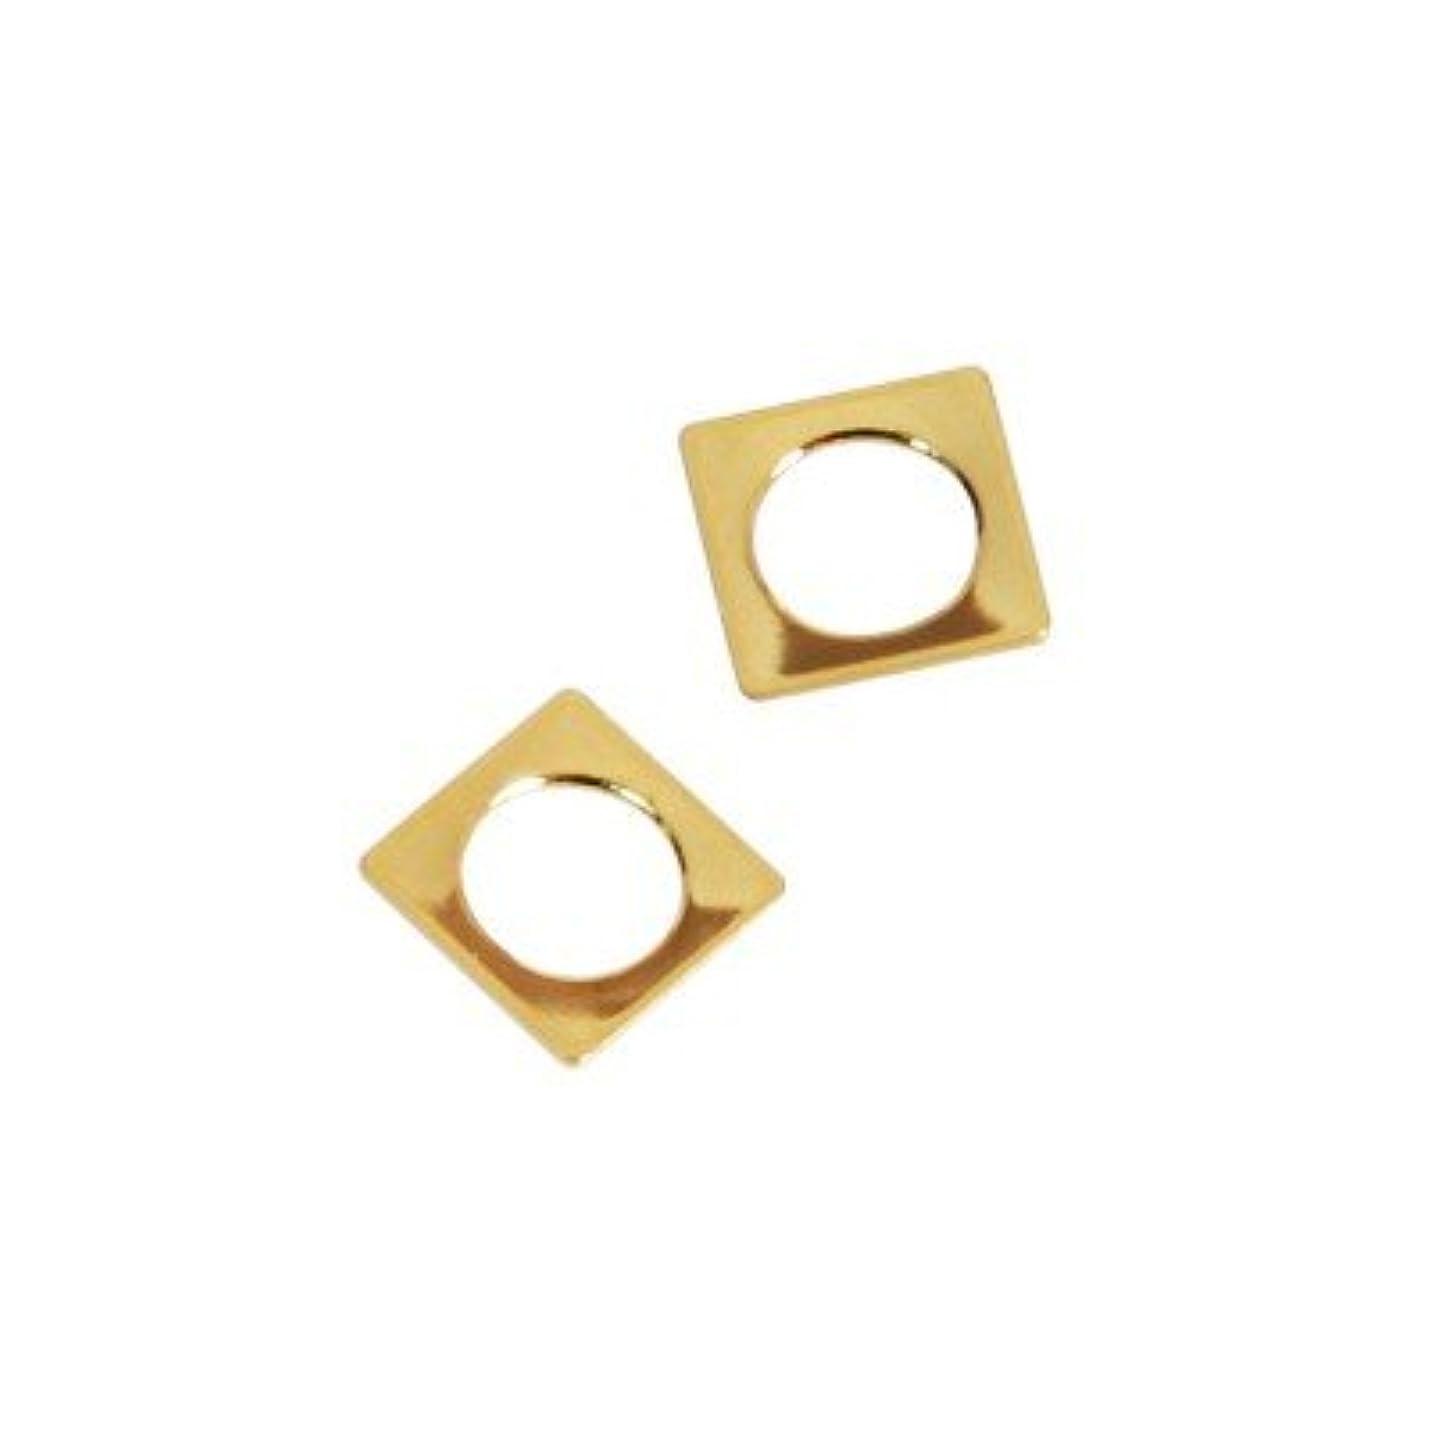 禁止グリーンバック気分が良いピアドラ スタッズ スクエア 中抜き(ラウンド)4mm 50P ゴールド